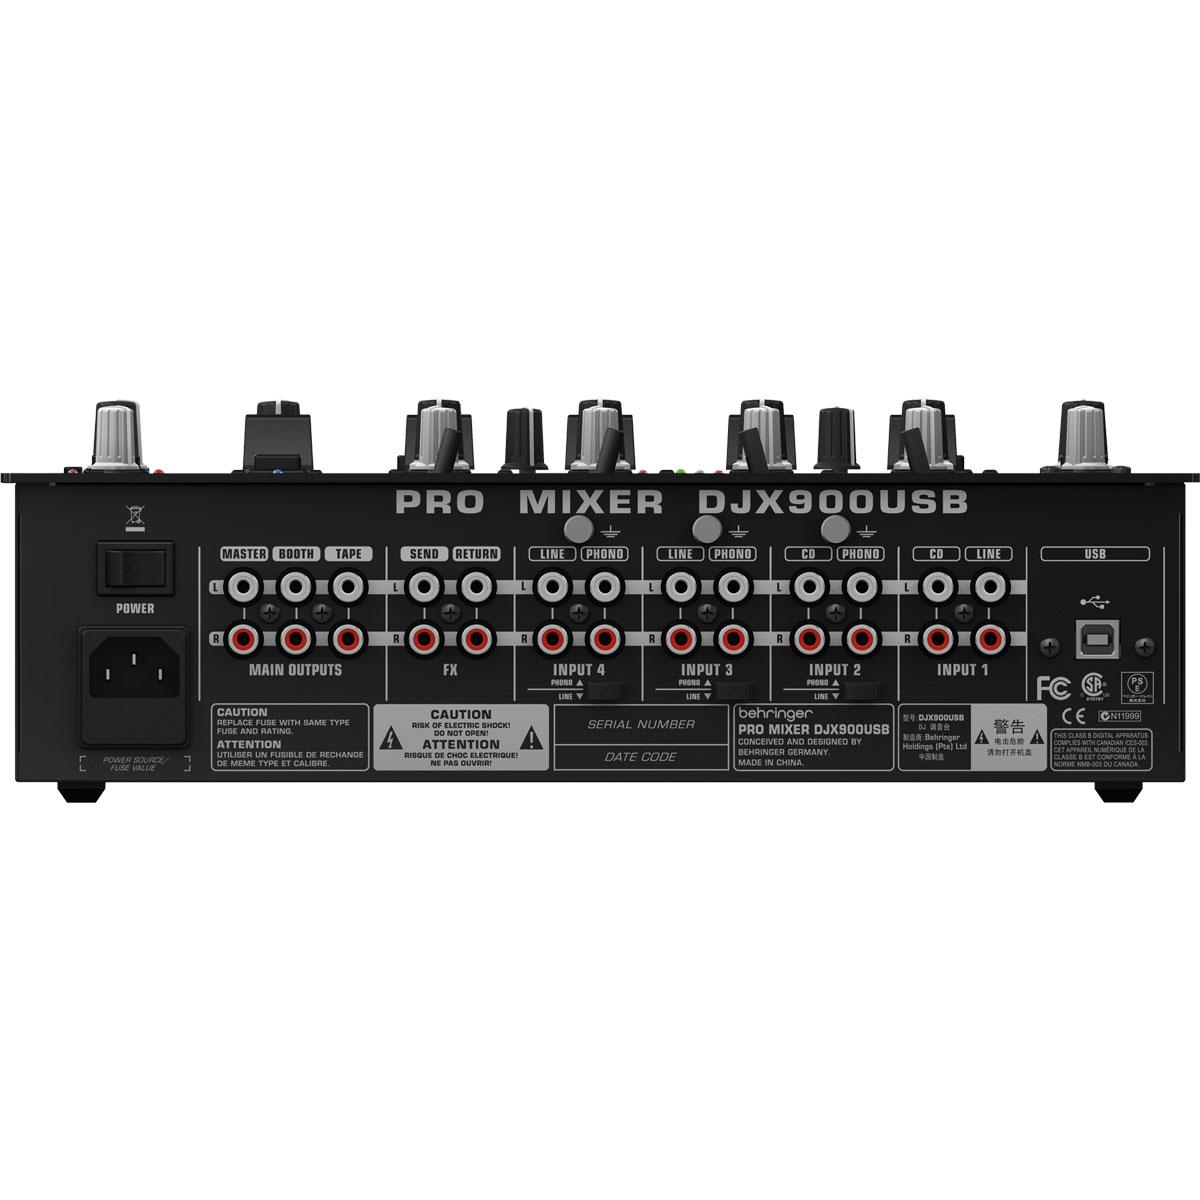 DJX900USB - Mixer DJ 5 Canais Pro Mixer DJX 900 USB - Behringer